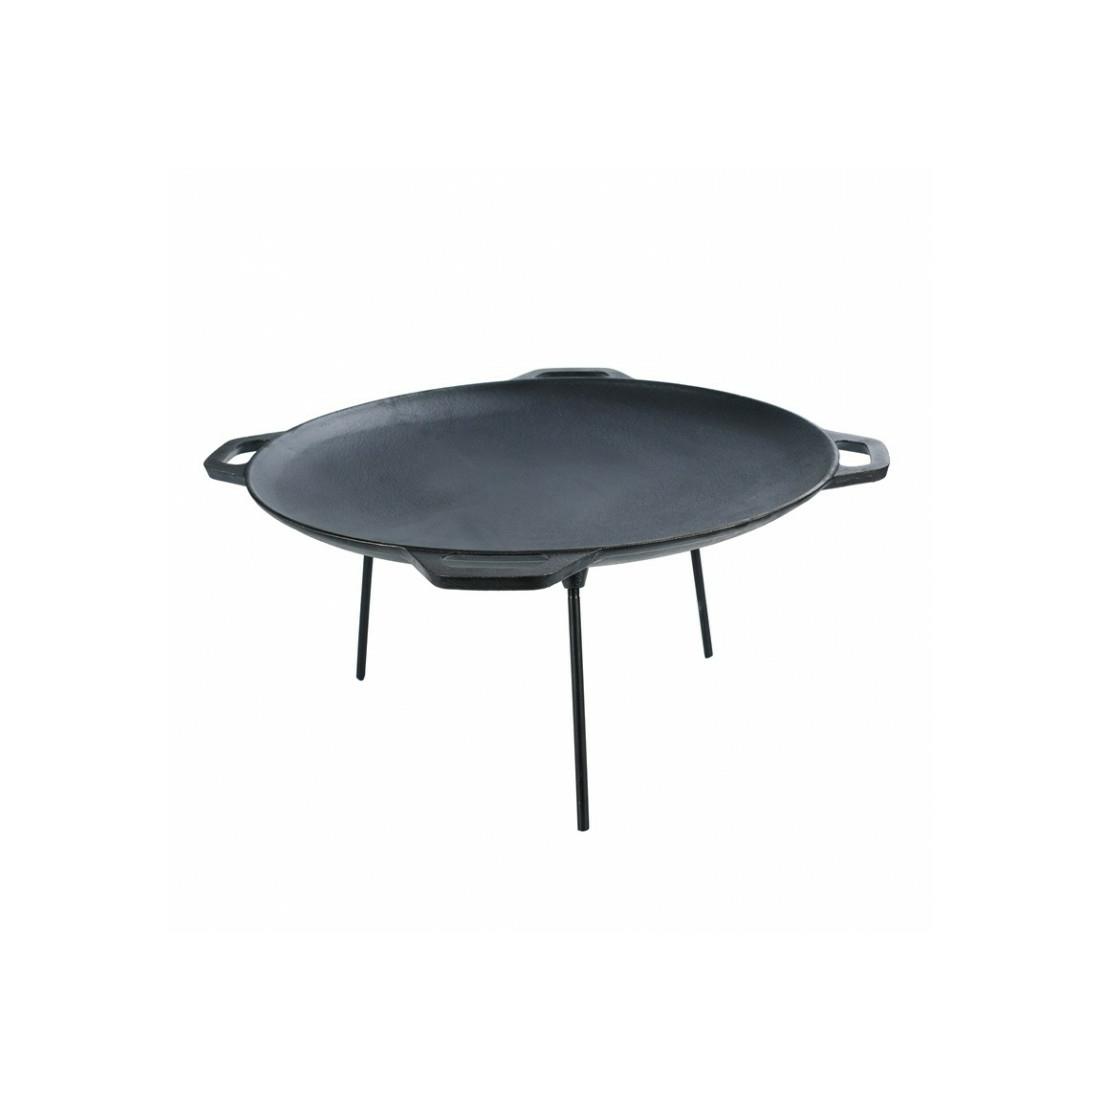 Öntöttvas grill sütőtárcsa 50cm 4füllel